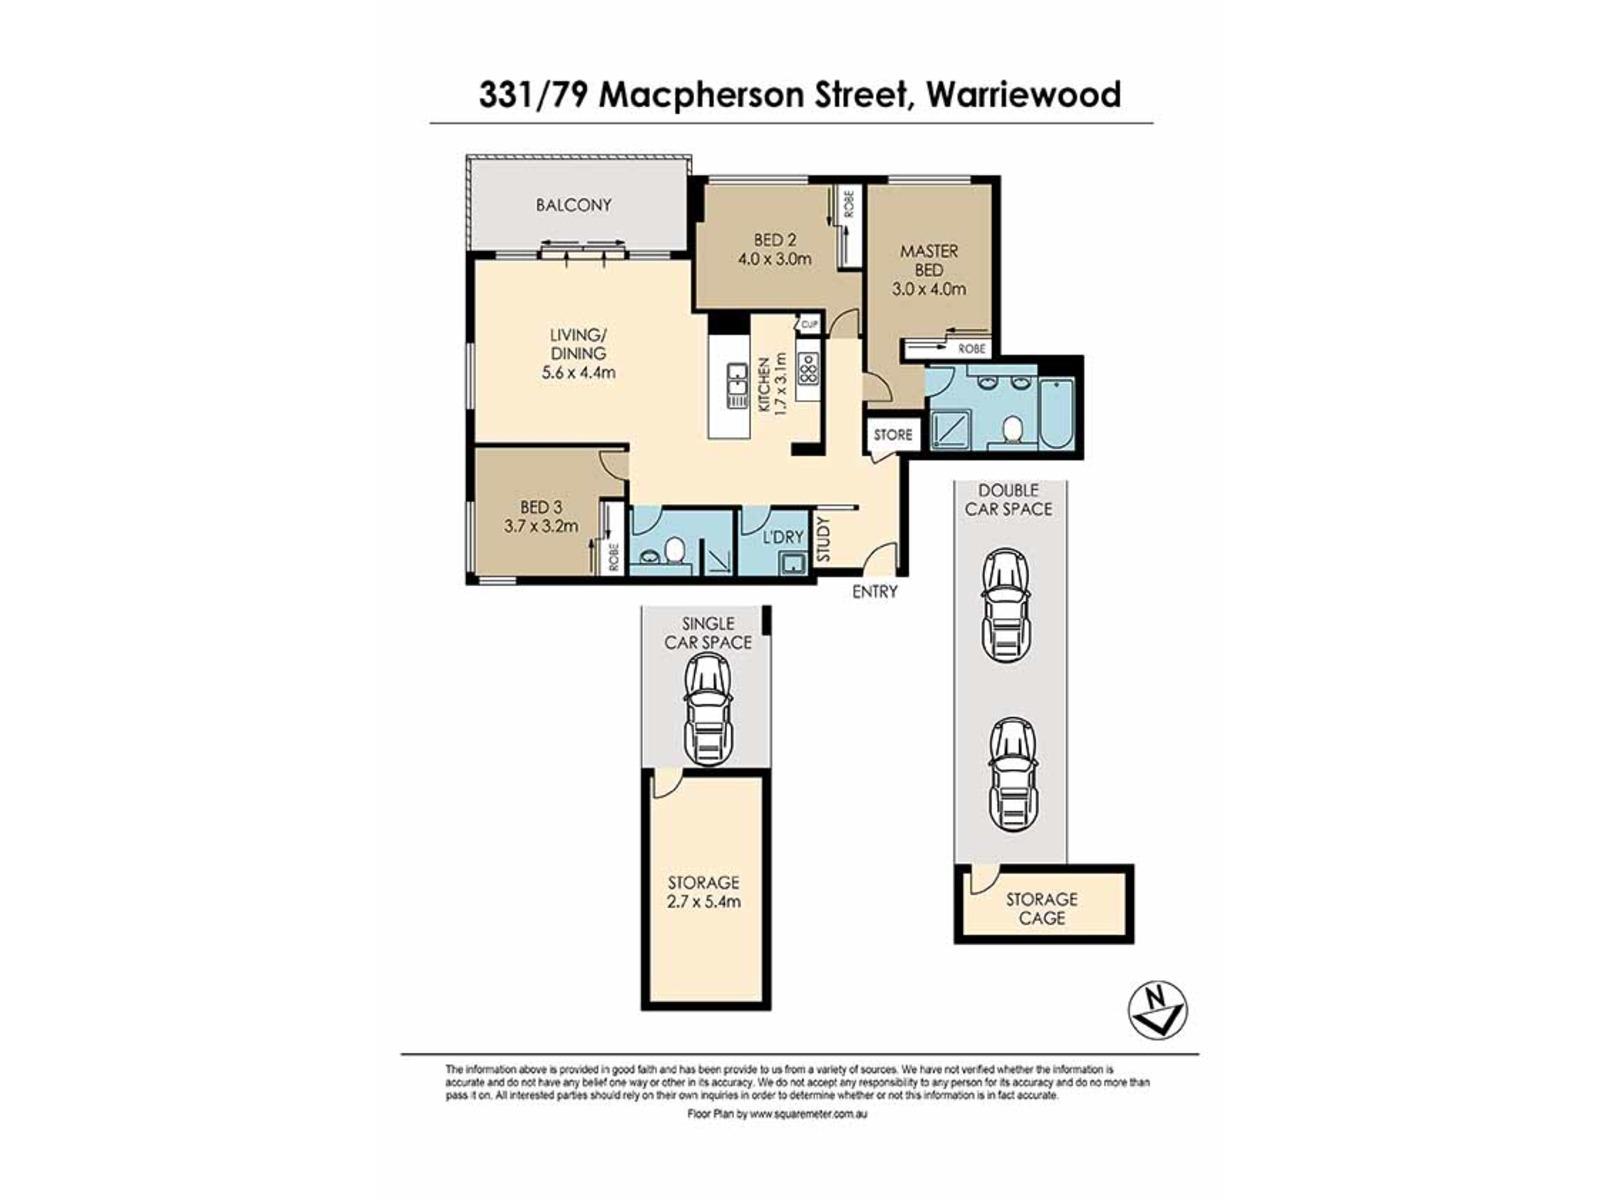 331 / 79 Macpherson Street, Warriewood